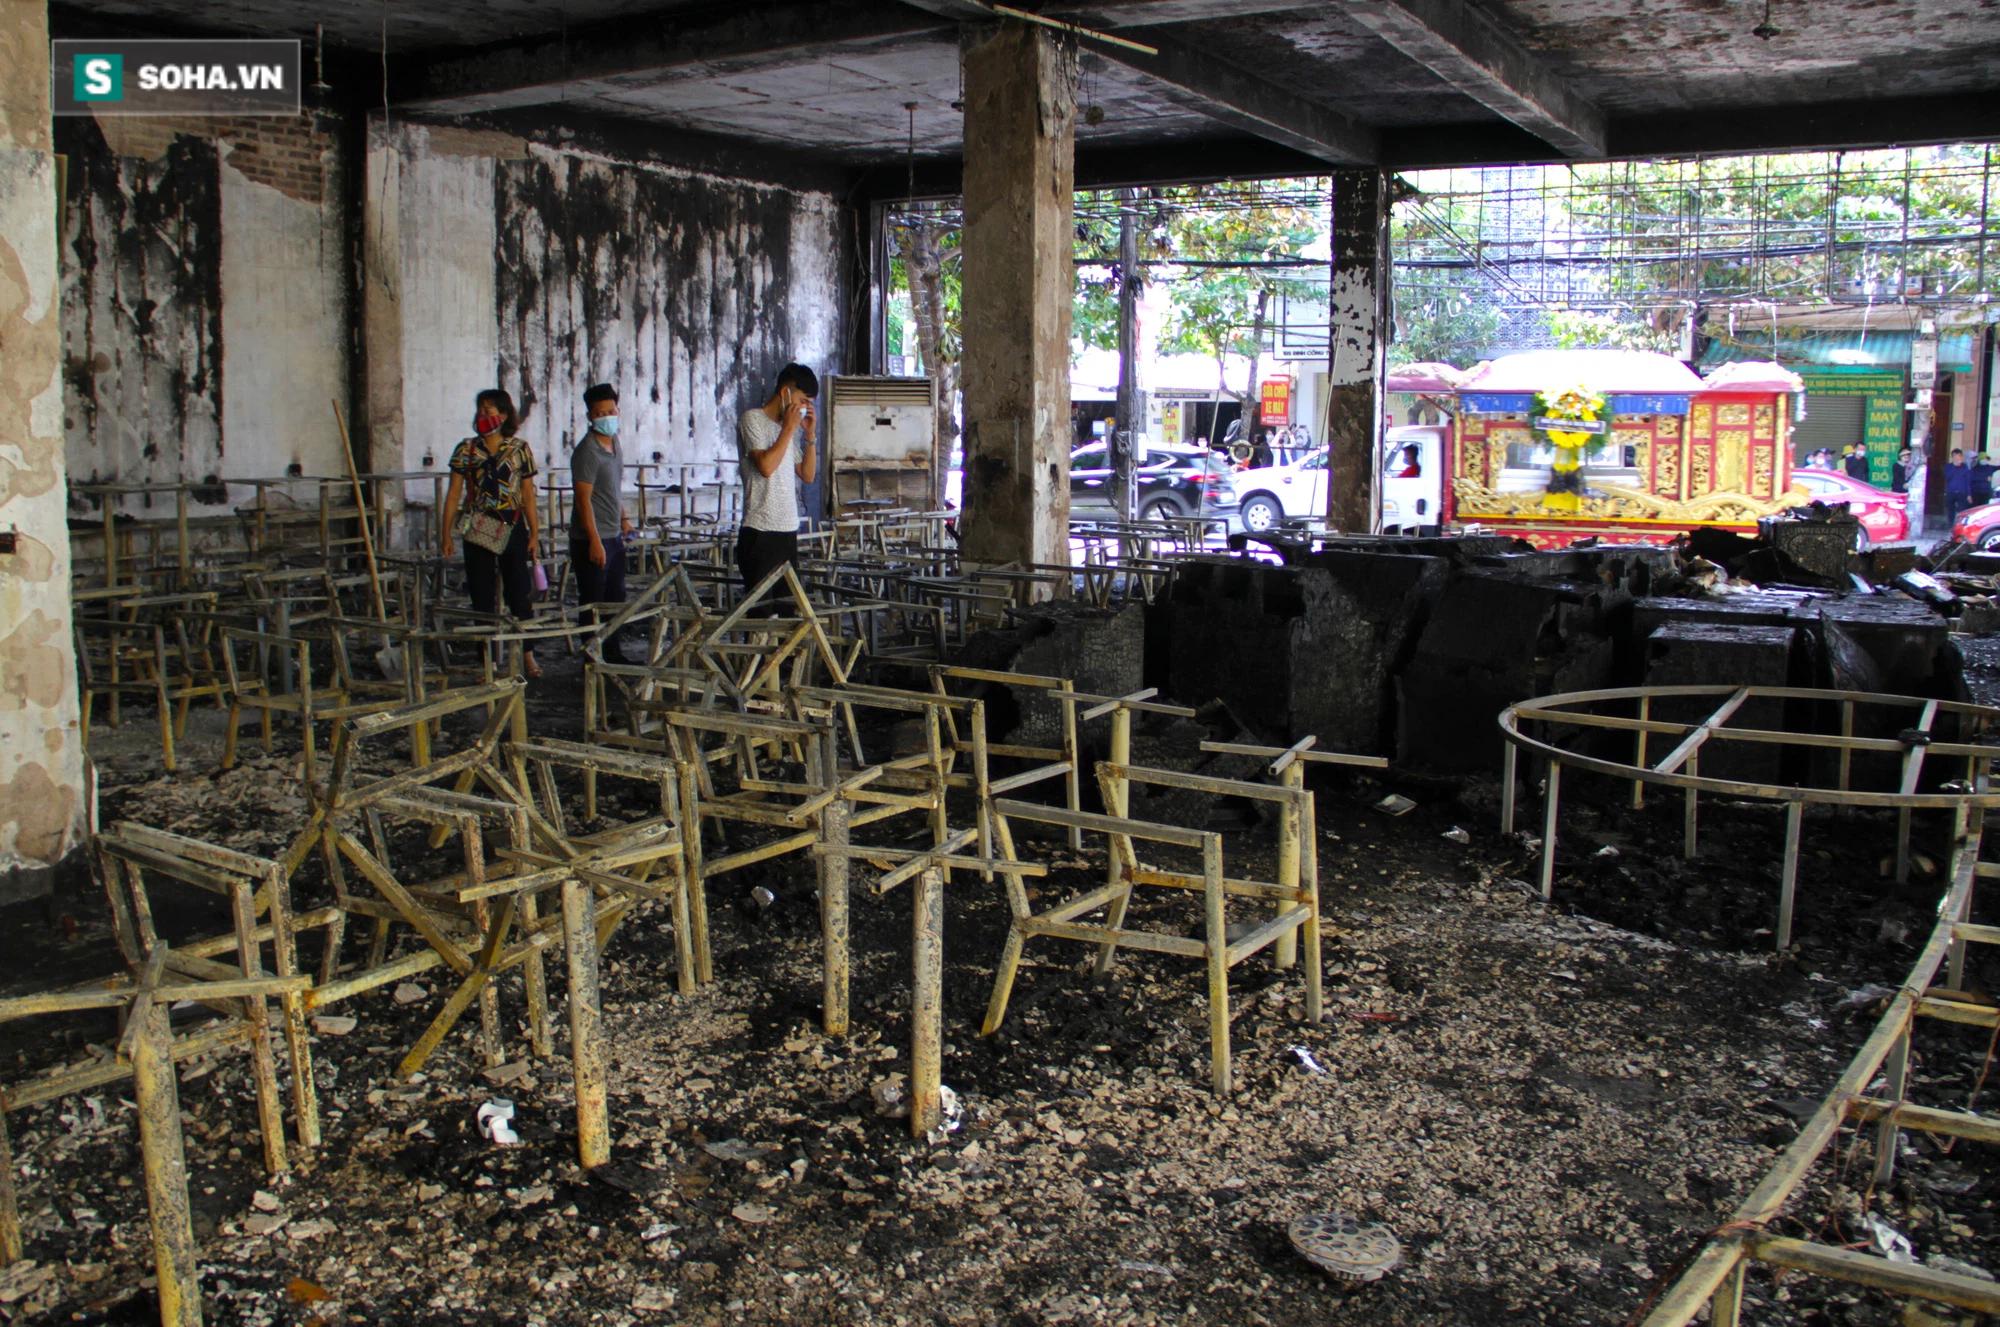 Cận cảnh hiện trường bên trong phòng trà bị cháy khiến 6 người tử vong ở Nghệ An - Ảnh 13.